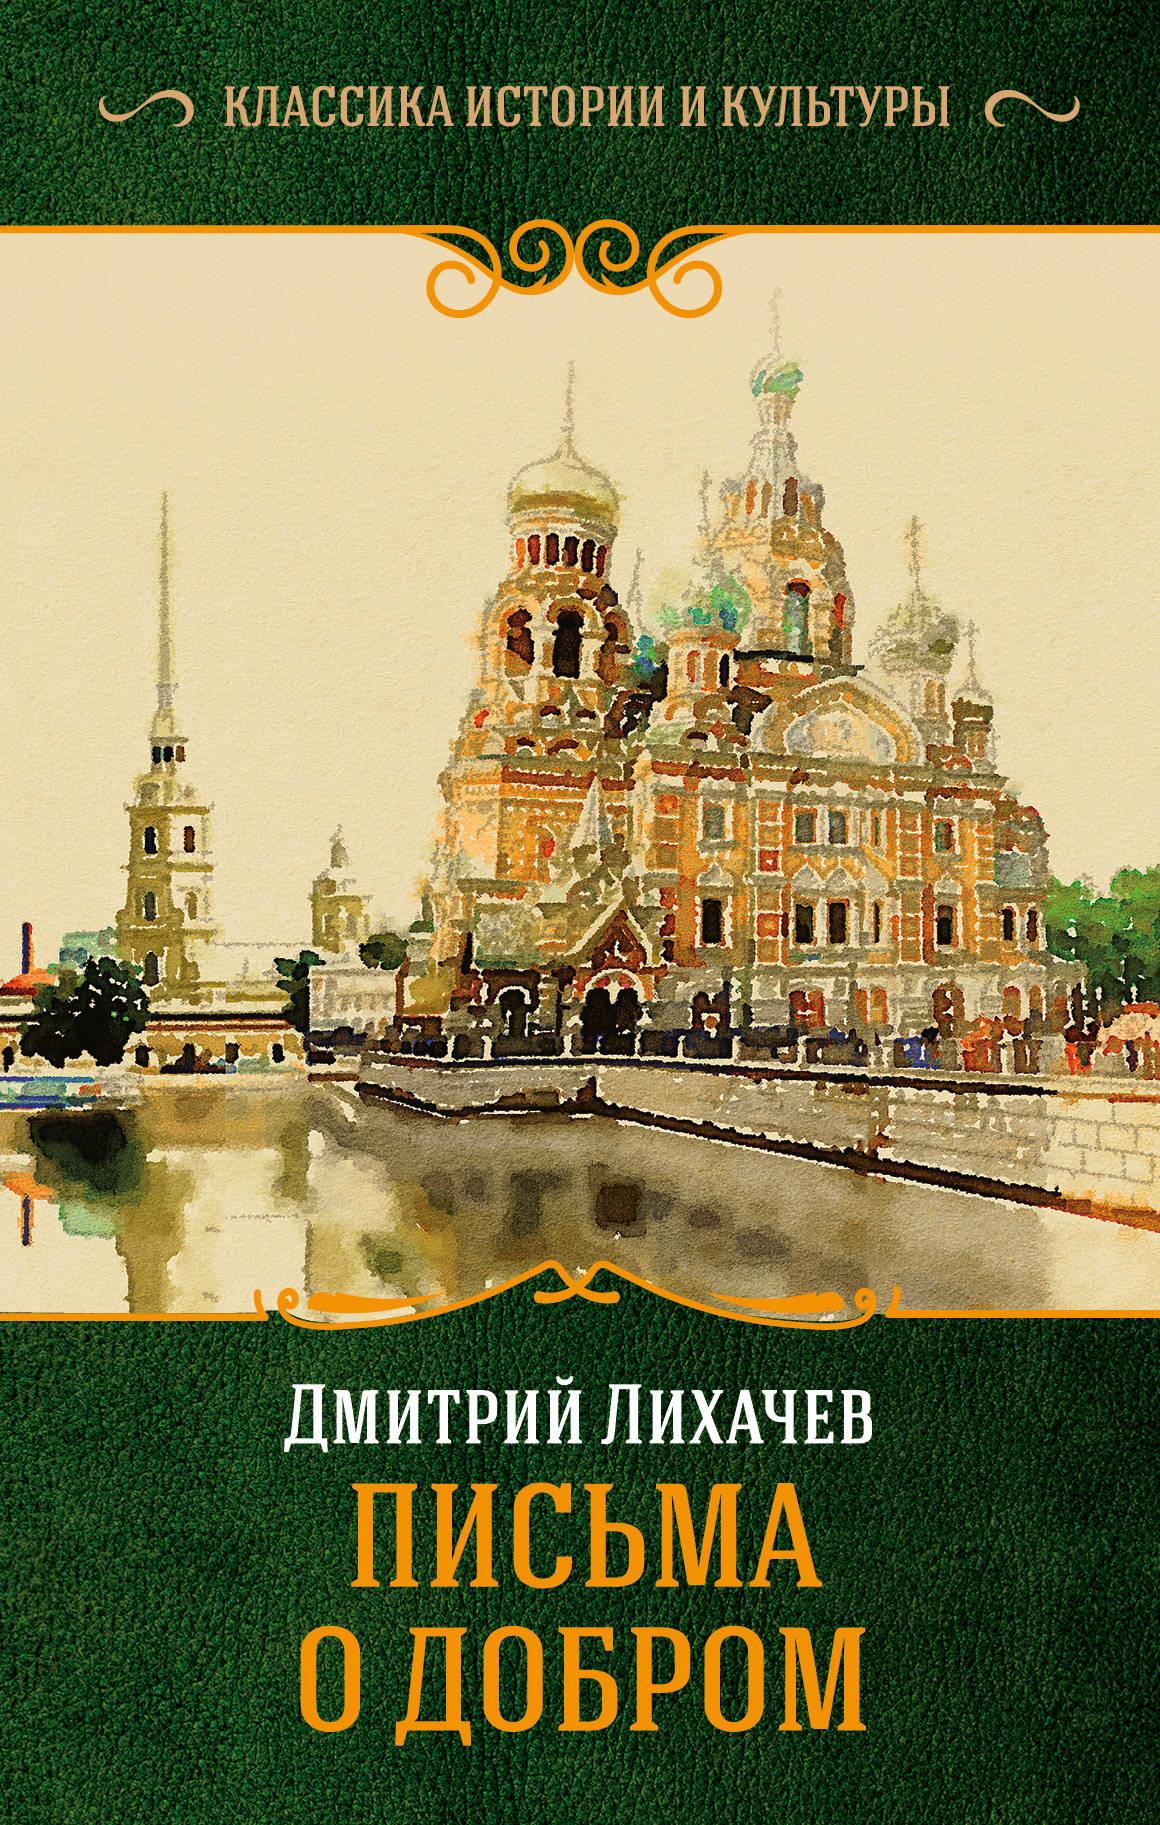 Лихачев Дмитрий Сергеевич Письма о добром